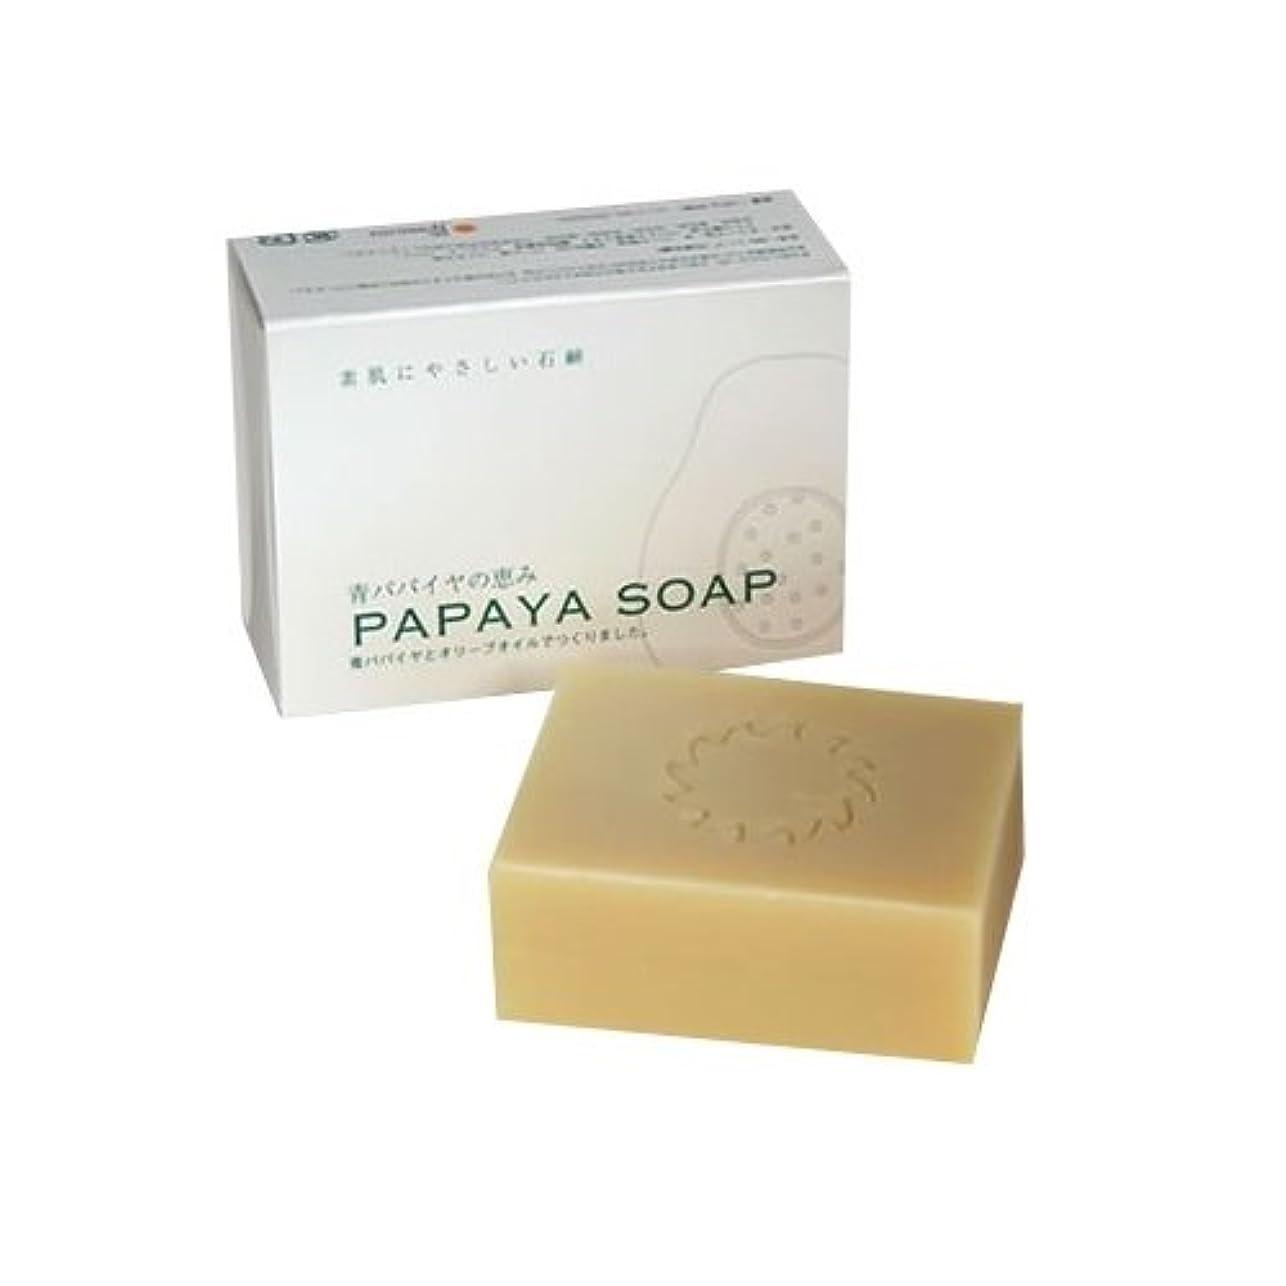 虫ストライク首尾一貫した青パパイヤの恵み PAPAYA SOAP(パパイヤソープ) 100g